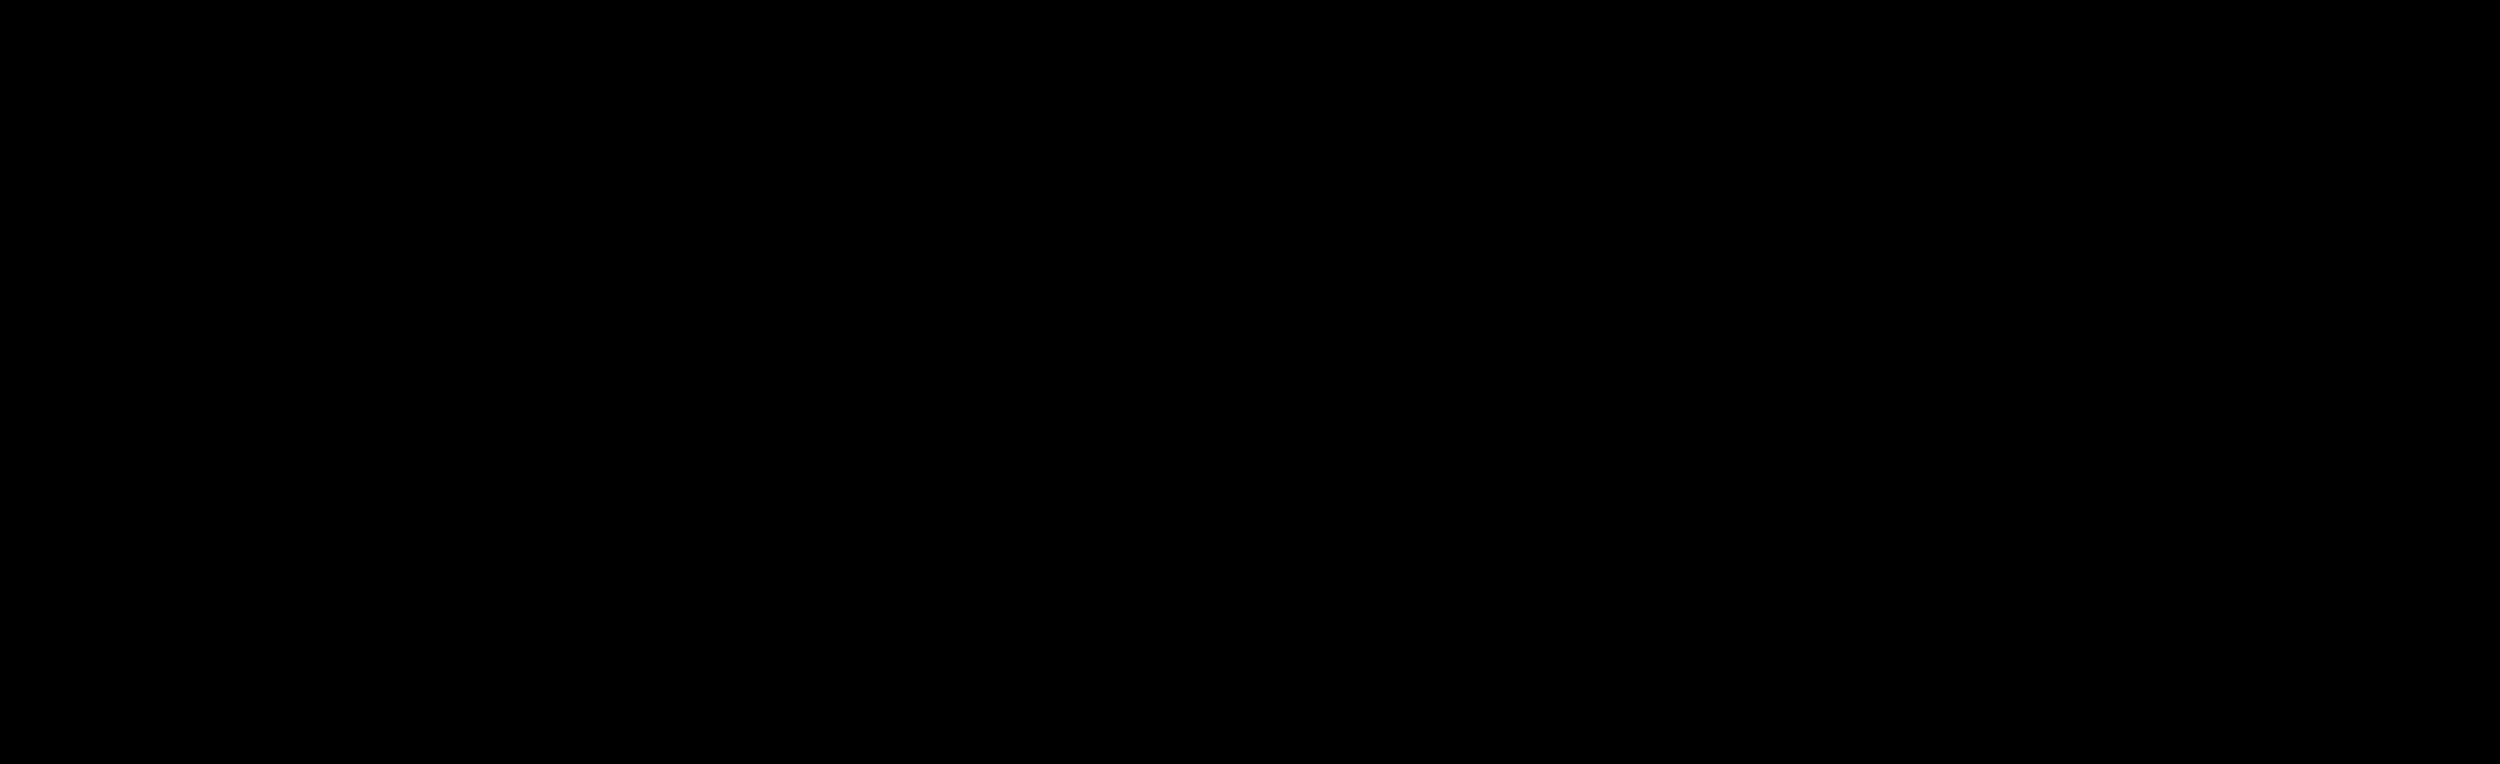 Farina_logo-01.png